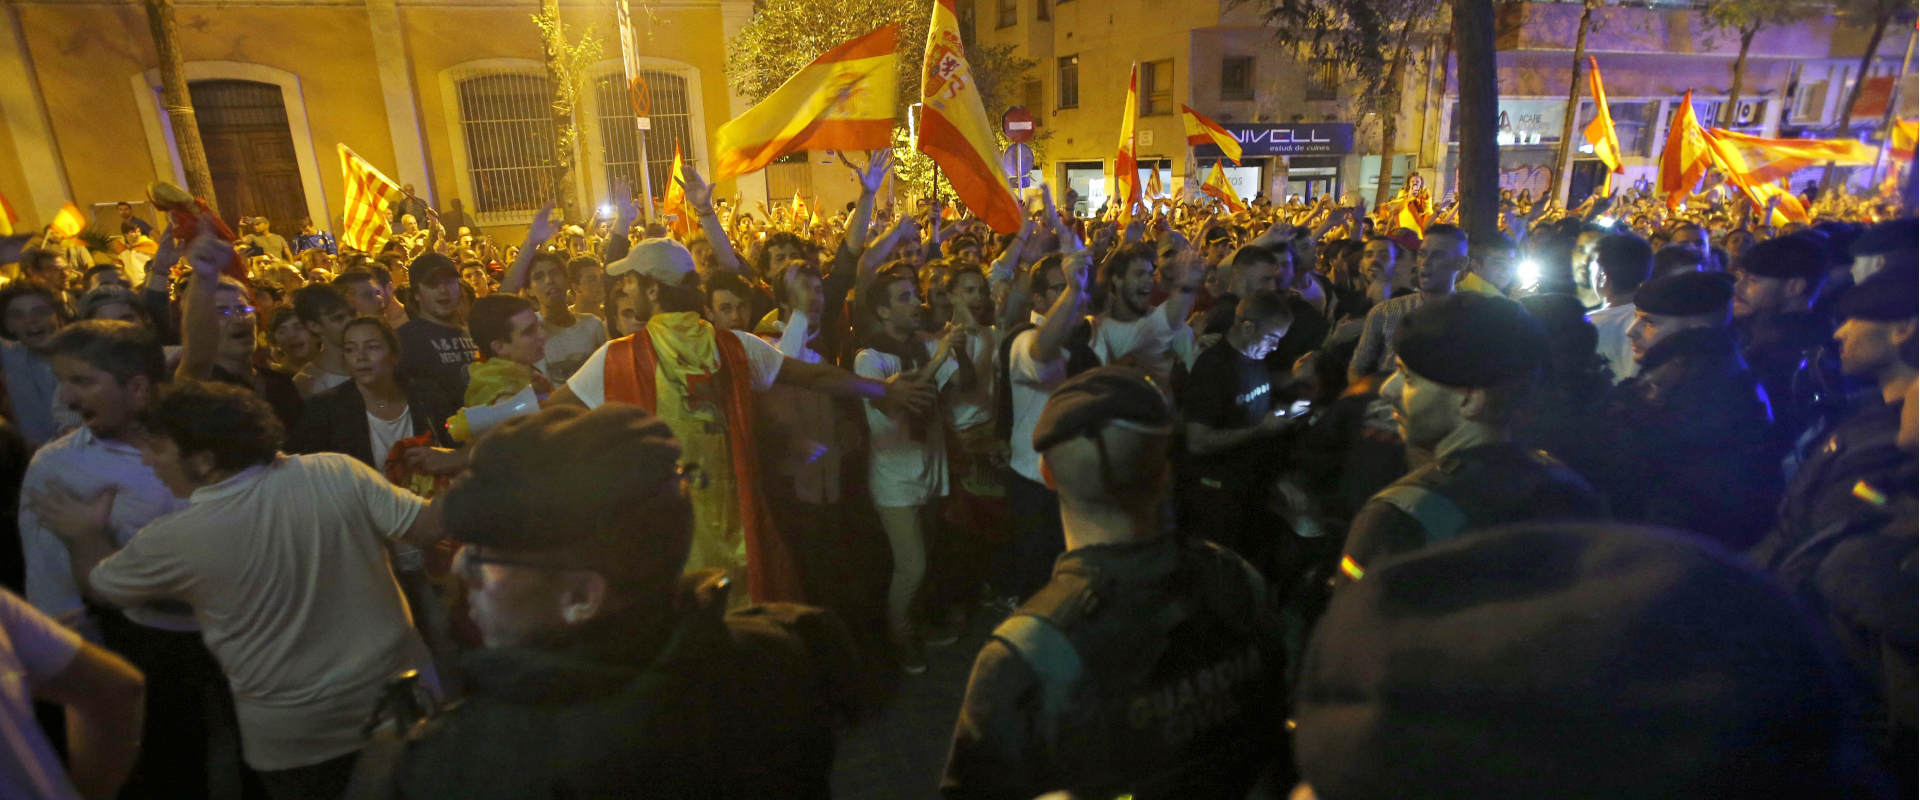 מפגינים נגד אלימות משטרתית, אתמול בברצלונה